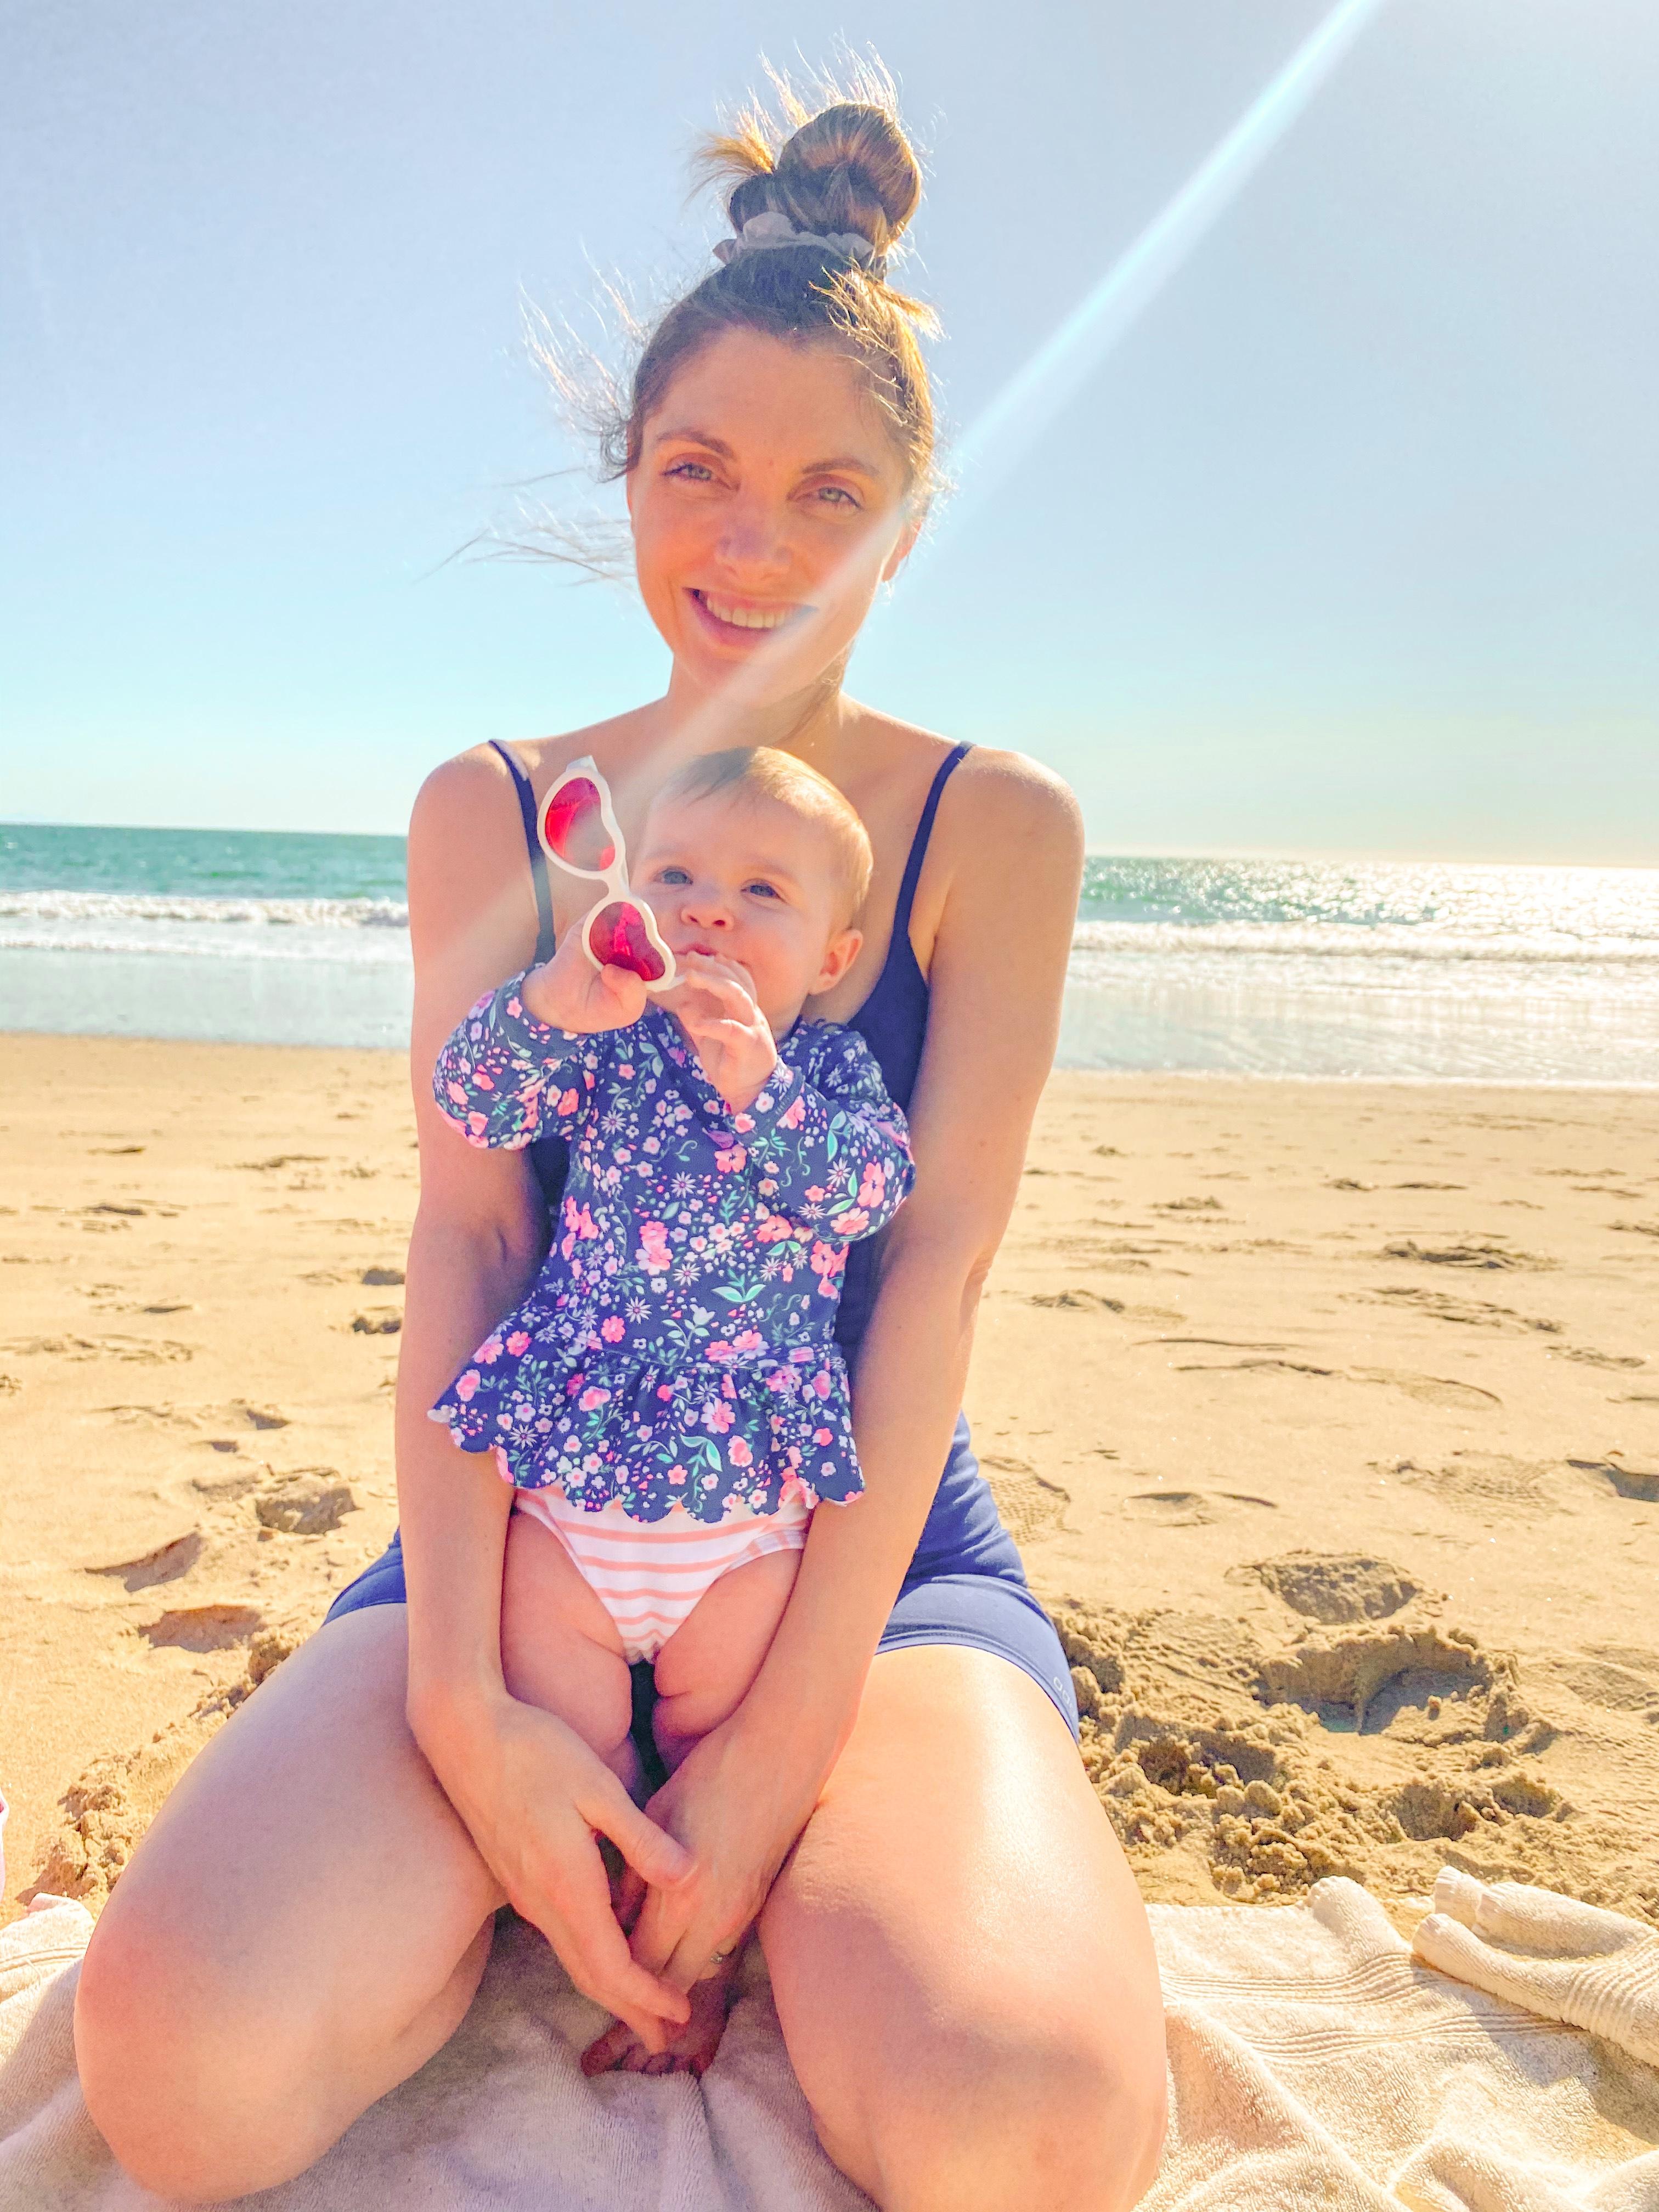 Kathy Rosalie beach